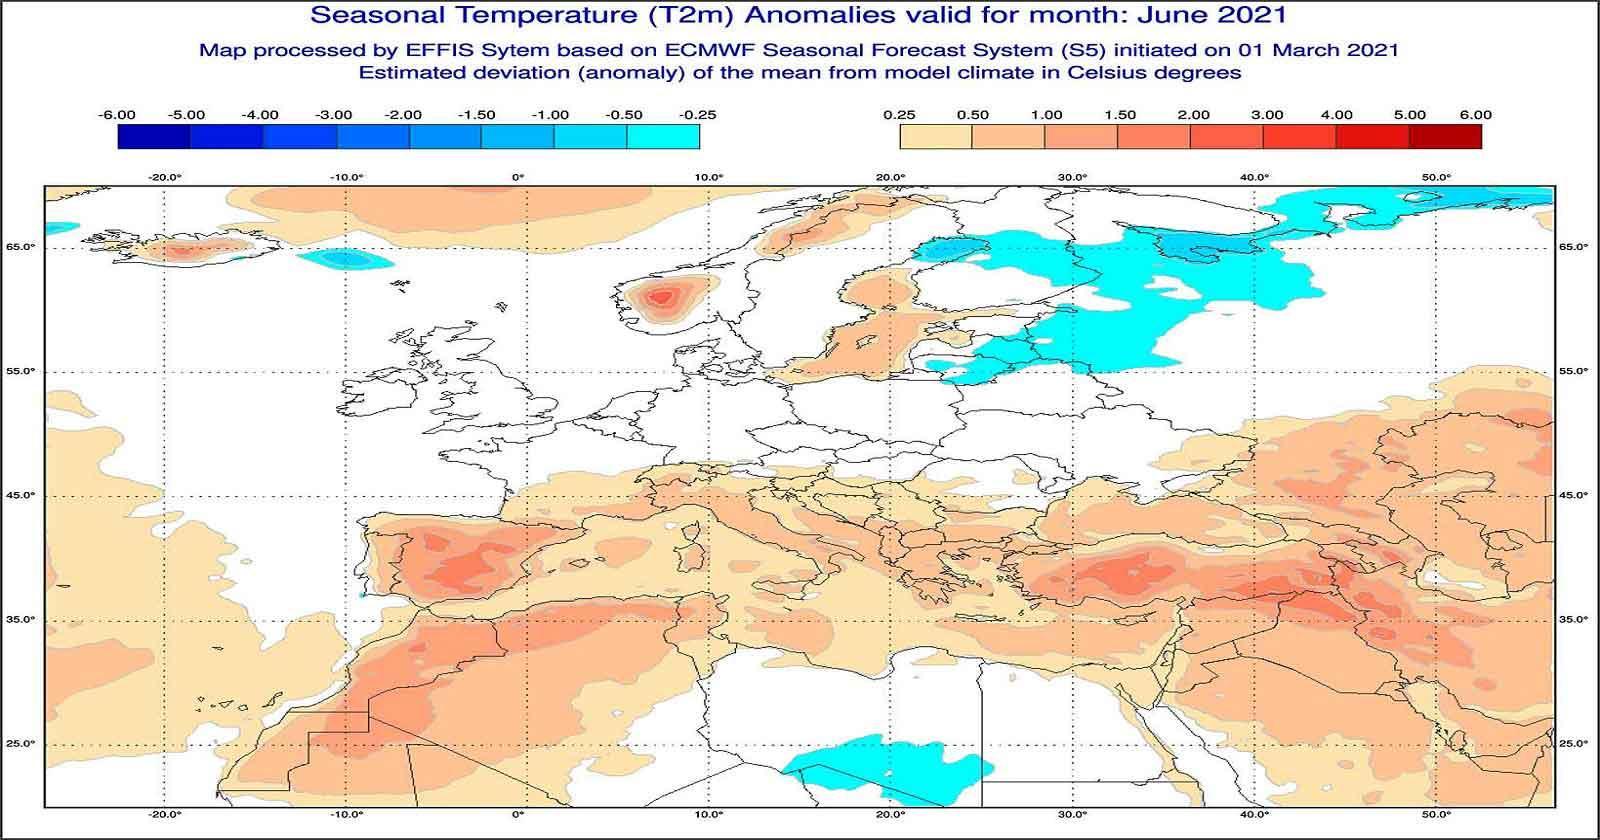 Anomalie di temperatura previste dal modello ECMWF per giugno 2021 - effis.jrc.ec.europa.eu